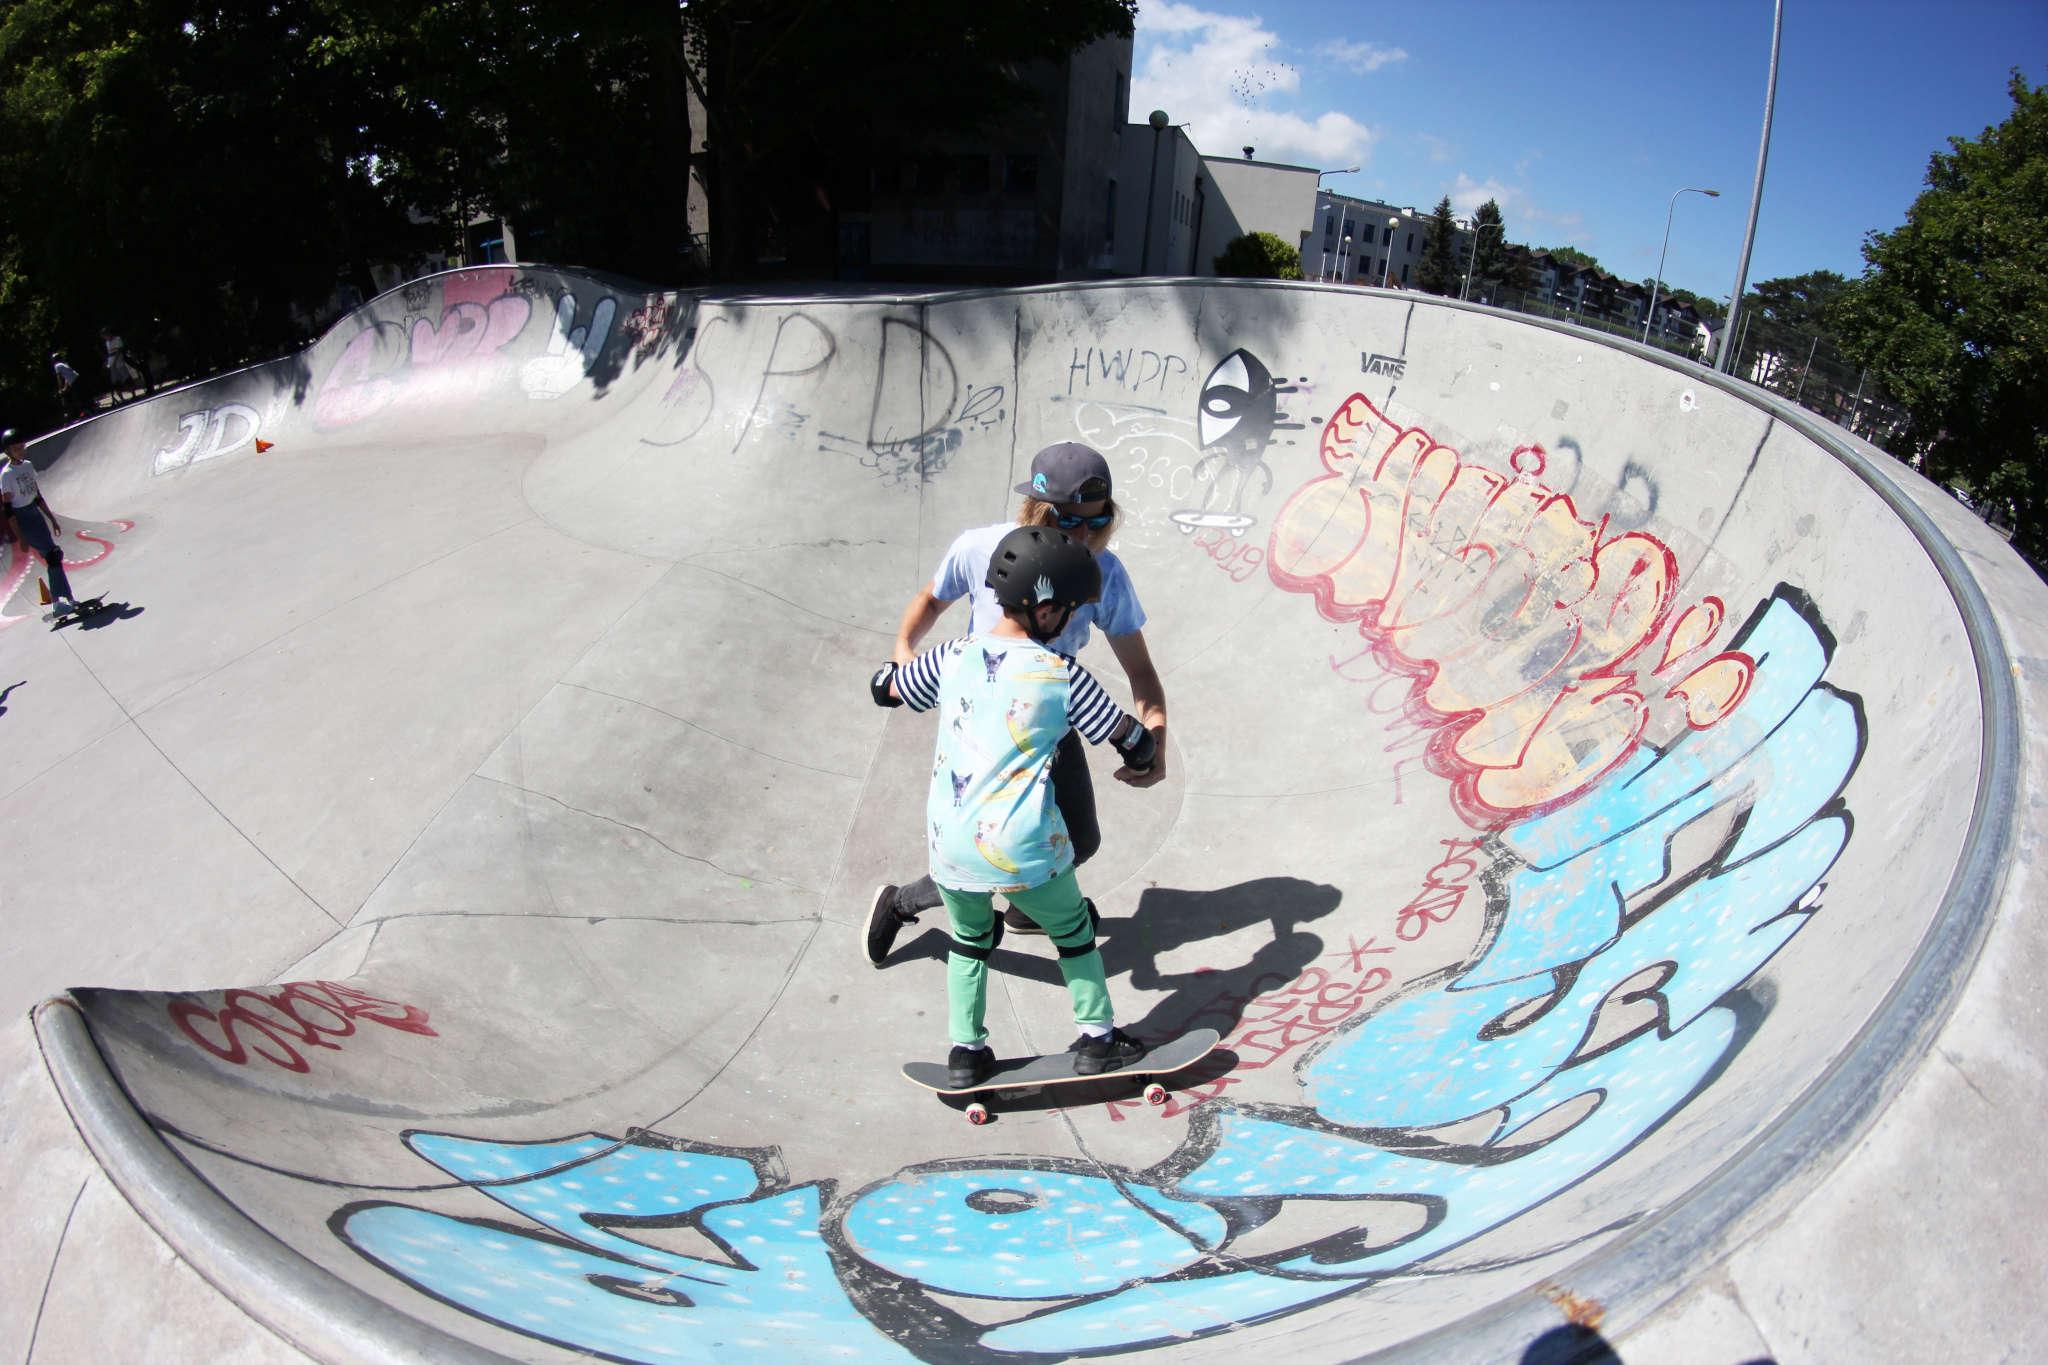 Skate slide 5